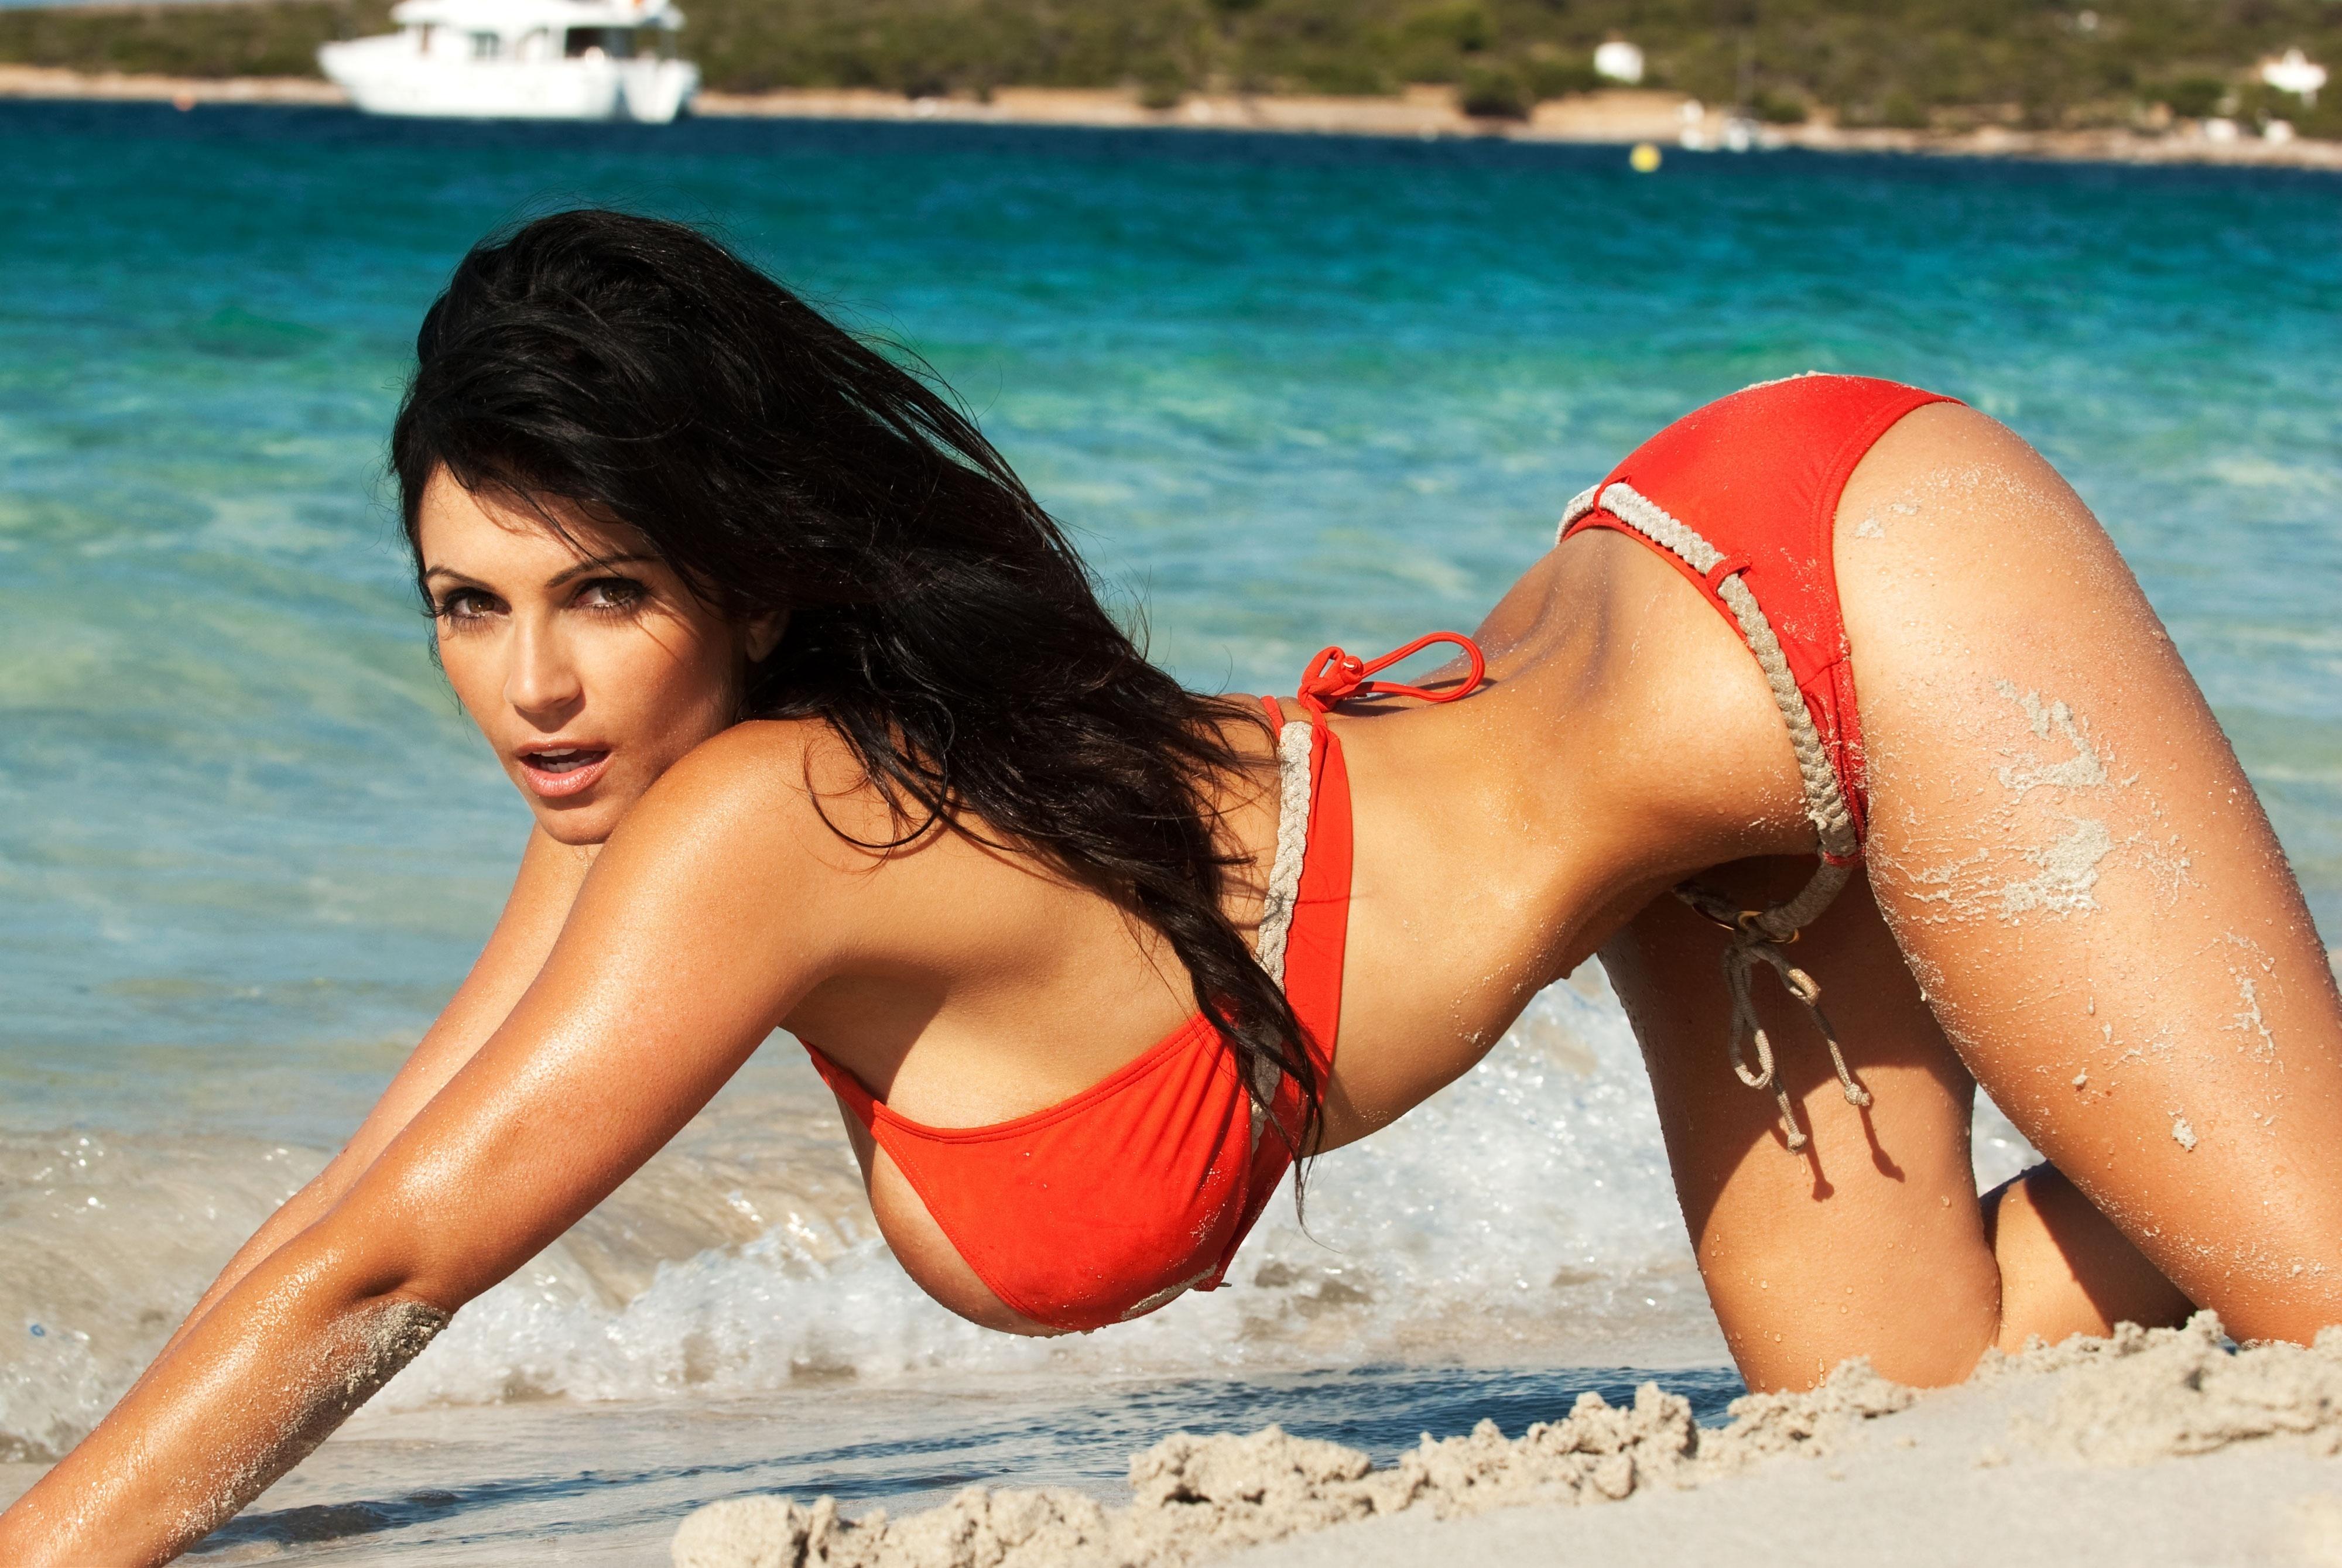 Jungal sexi nude girl nudes clip